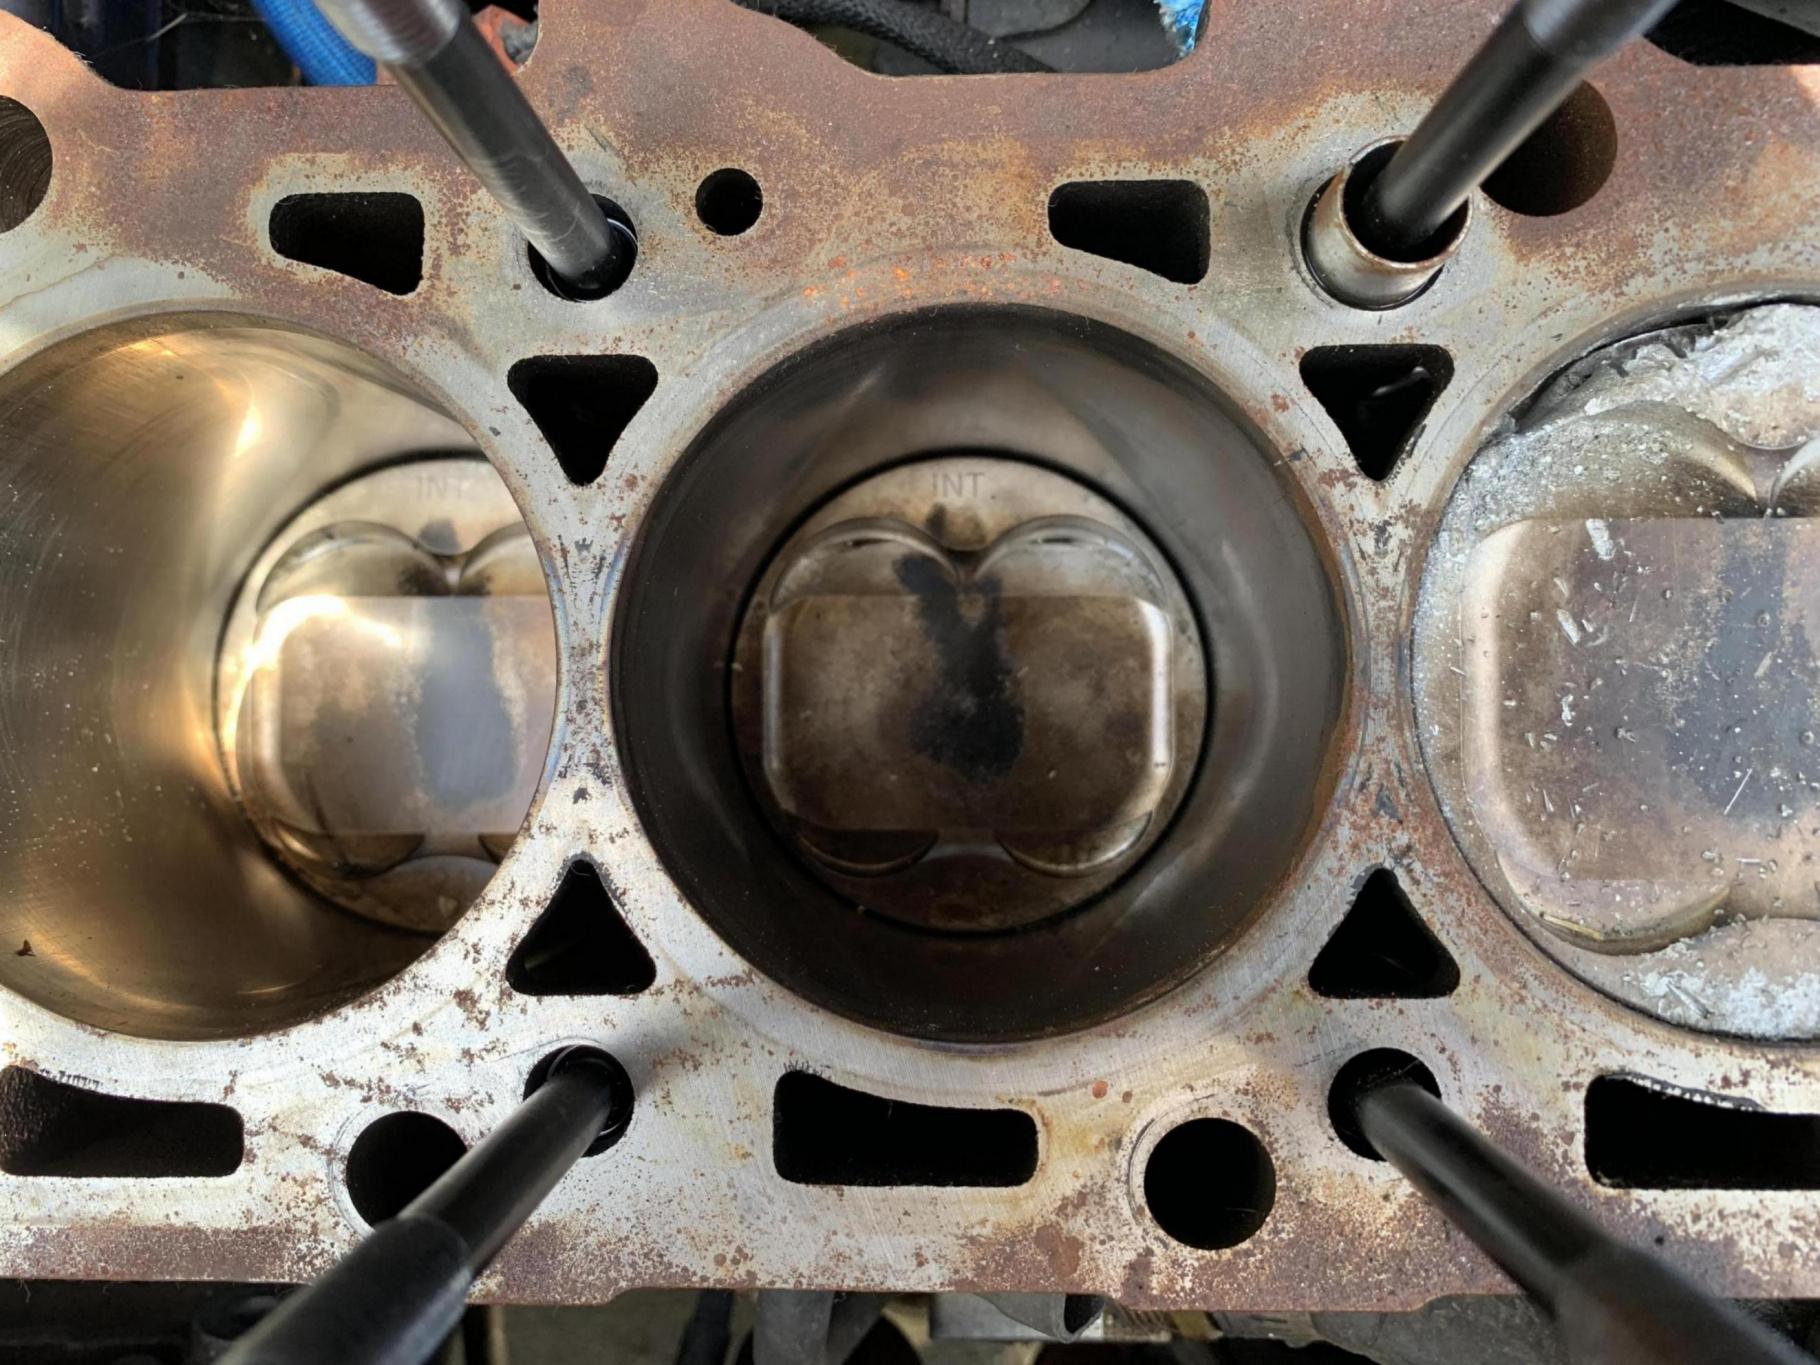 2004 SVTF EAP ZX5 (blown engine)-8ad33b8c-5d32-4b42-b4e7-6a856fcc357c_1562680984036.jpg